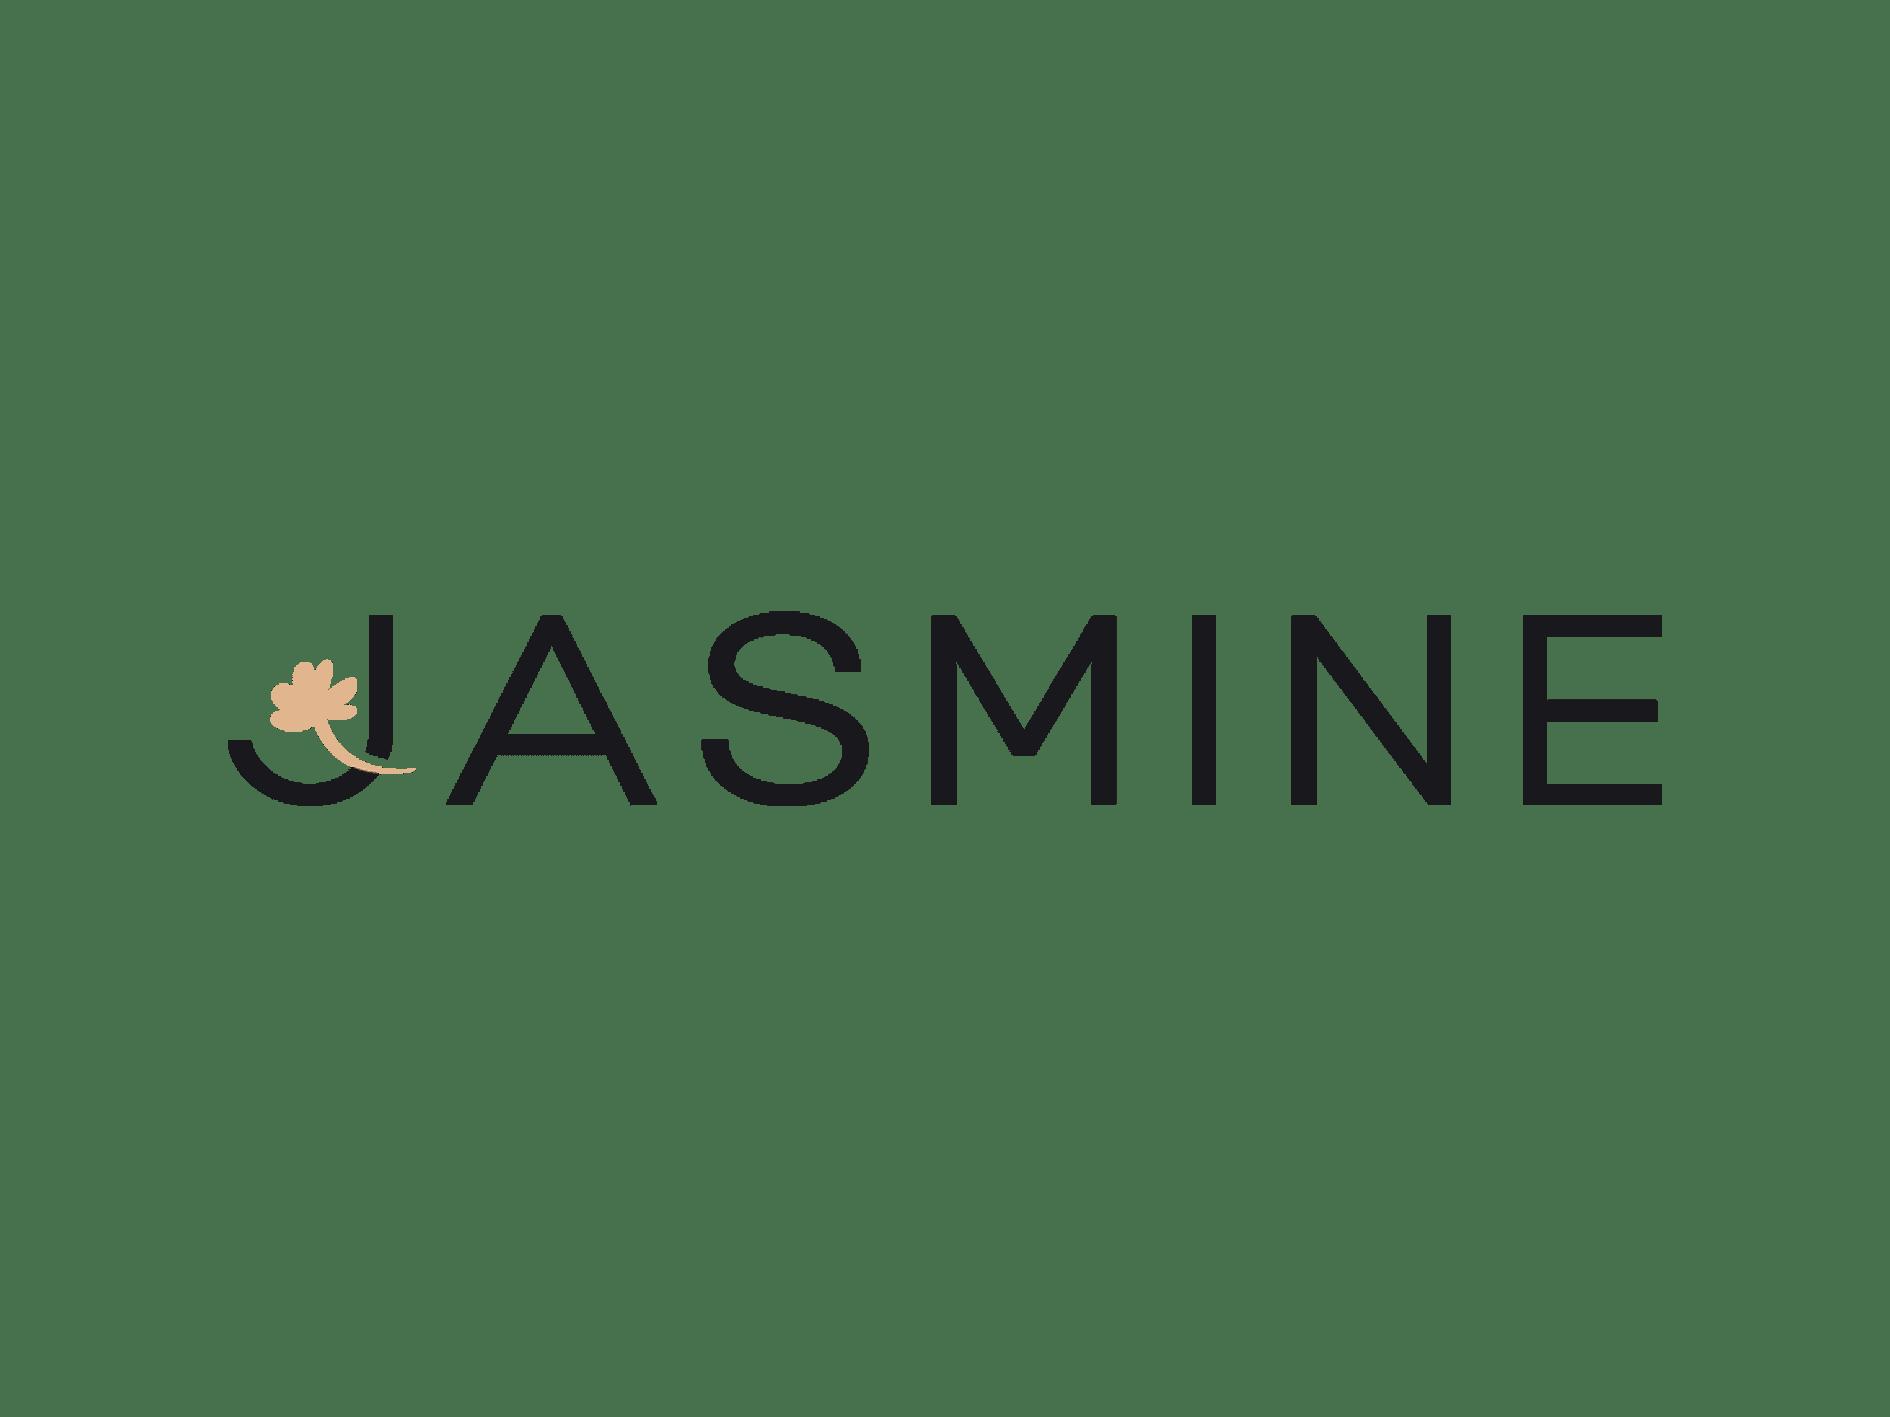 JASMINE  - kiev.karavan.com.ua